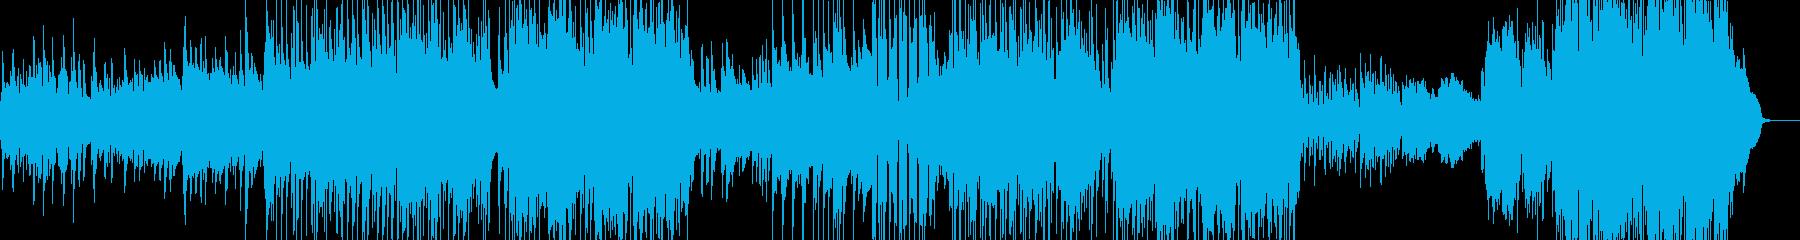 サックス・ストレートなバラード 長尺+の再生済みの波形